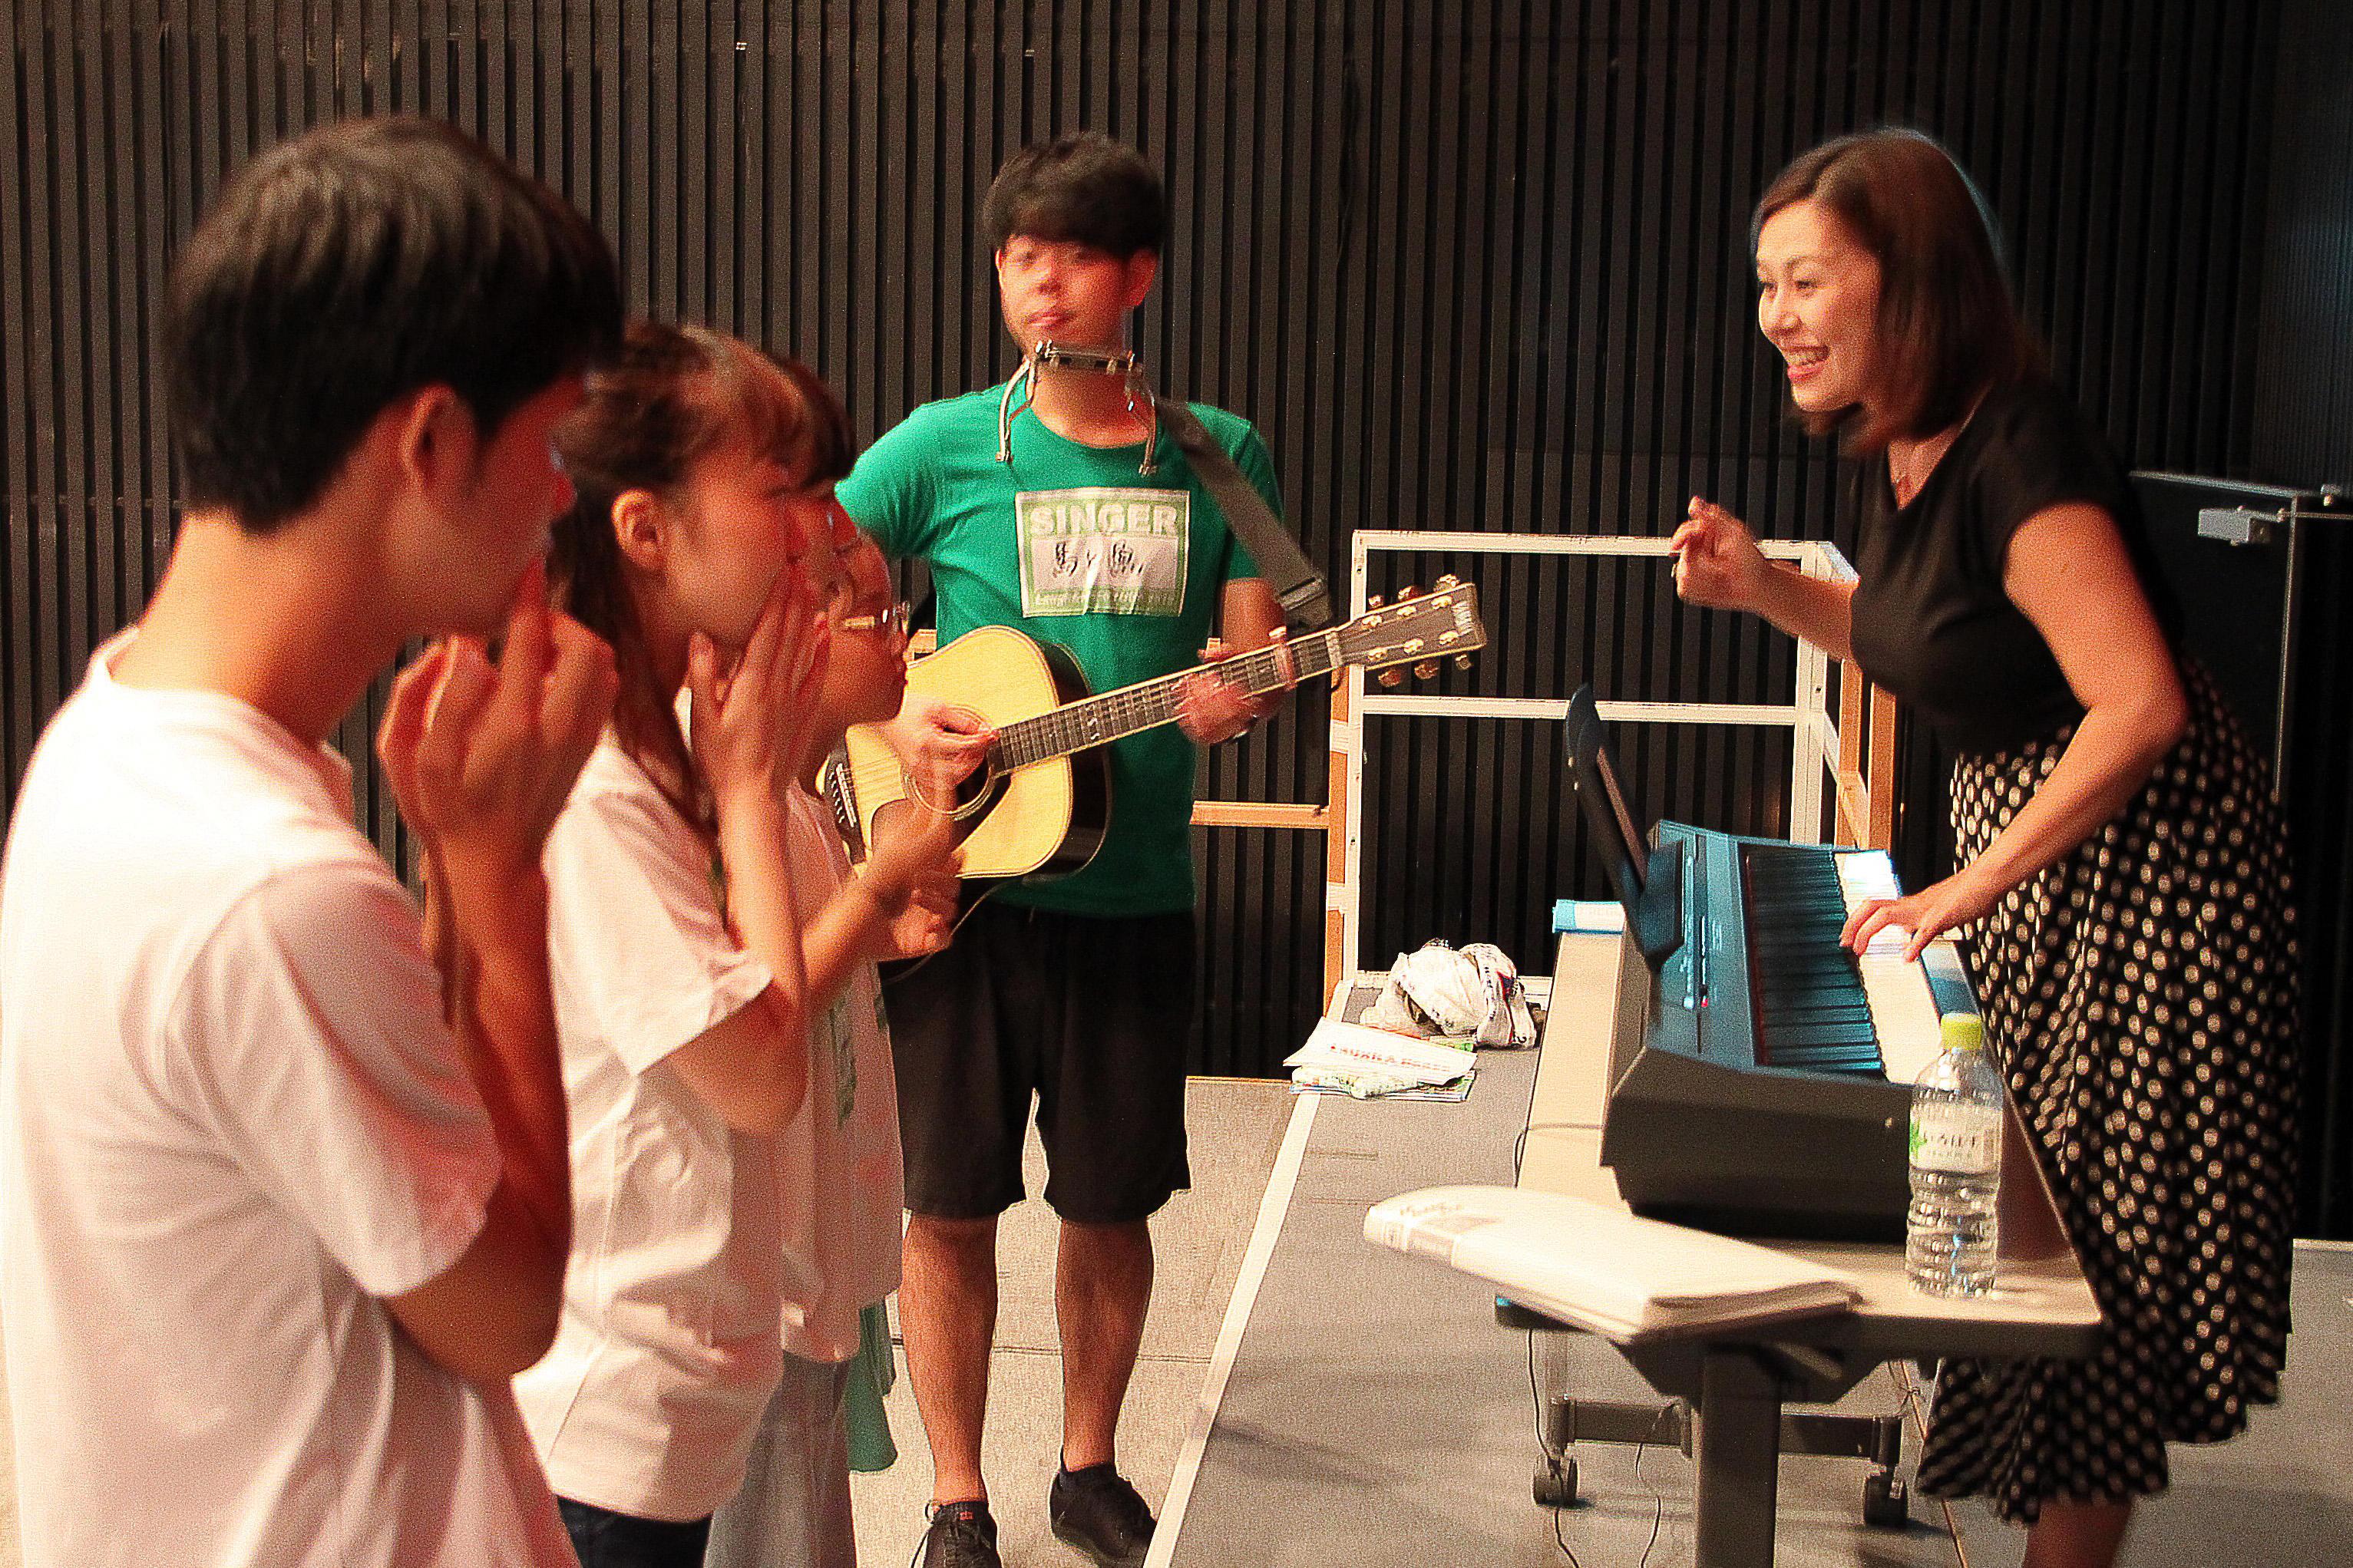 http://news.yoshimoto.co.jp/20180807152800-69a9788bddd4231f2f23a96808a640efbf06e3f4.jpg